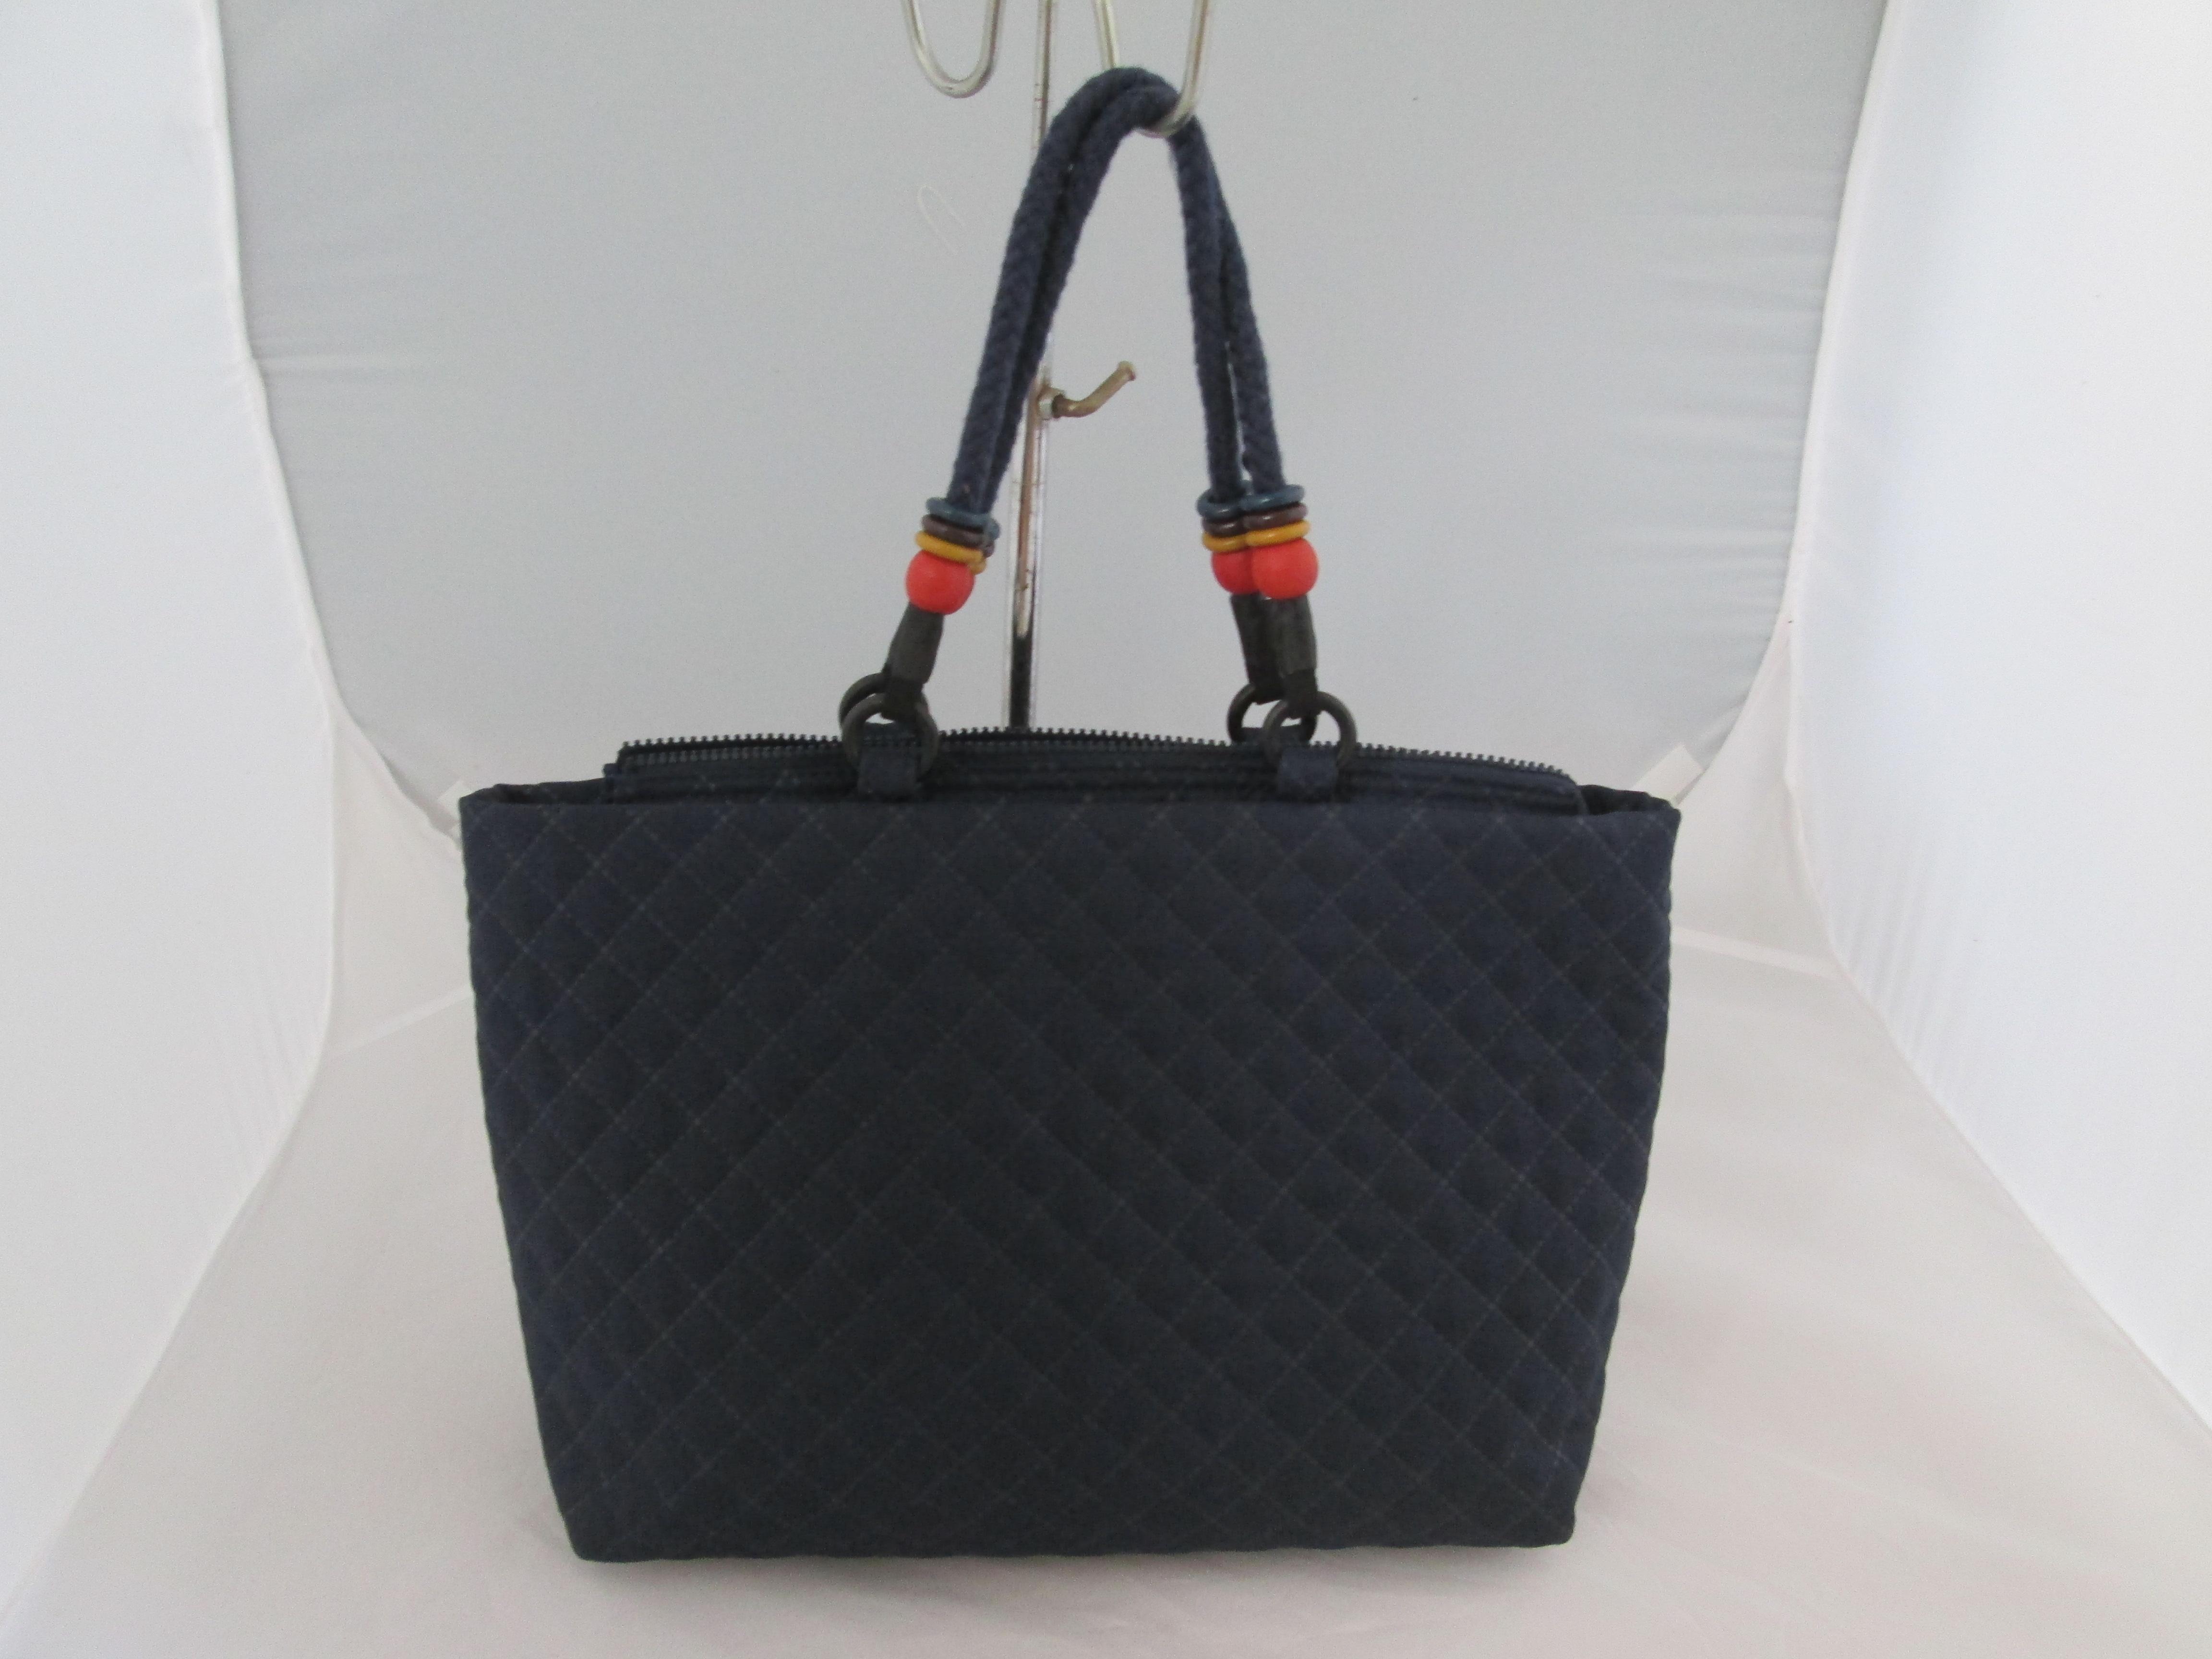 棉布间棉格子女士手袋,购物袋3425